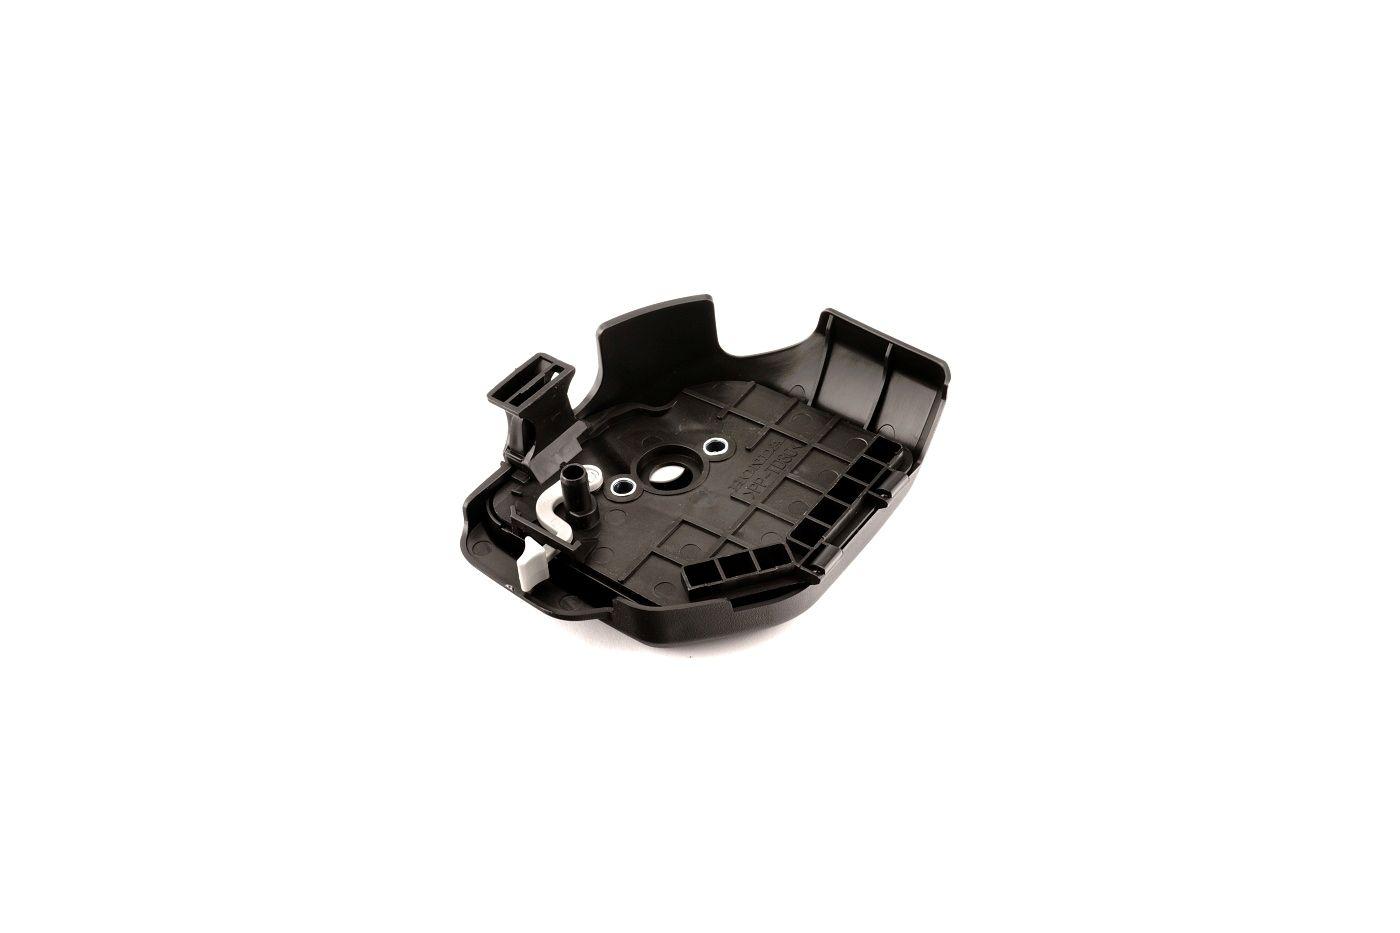 Kryt filtru Honda GX25 - 17211-Z0H-000